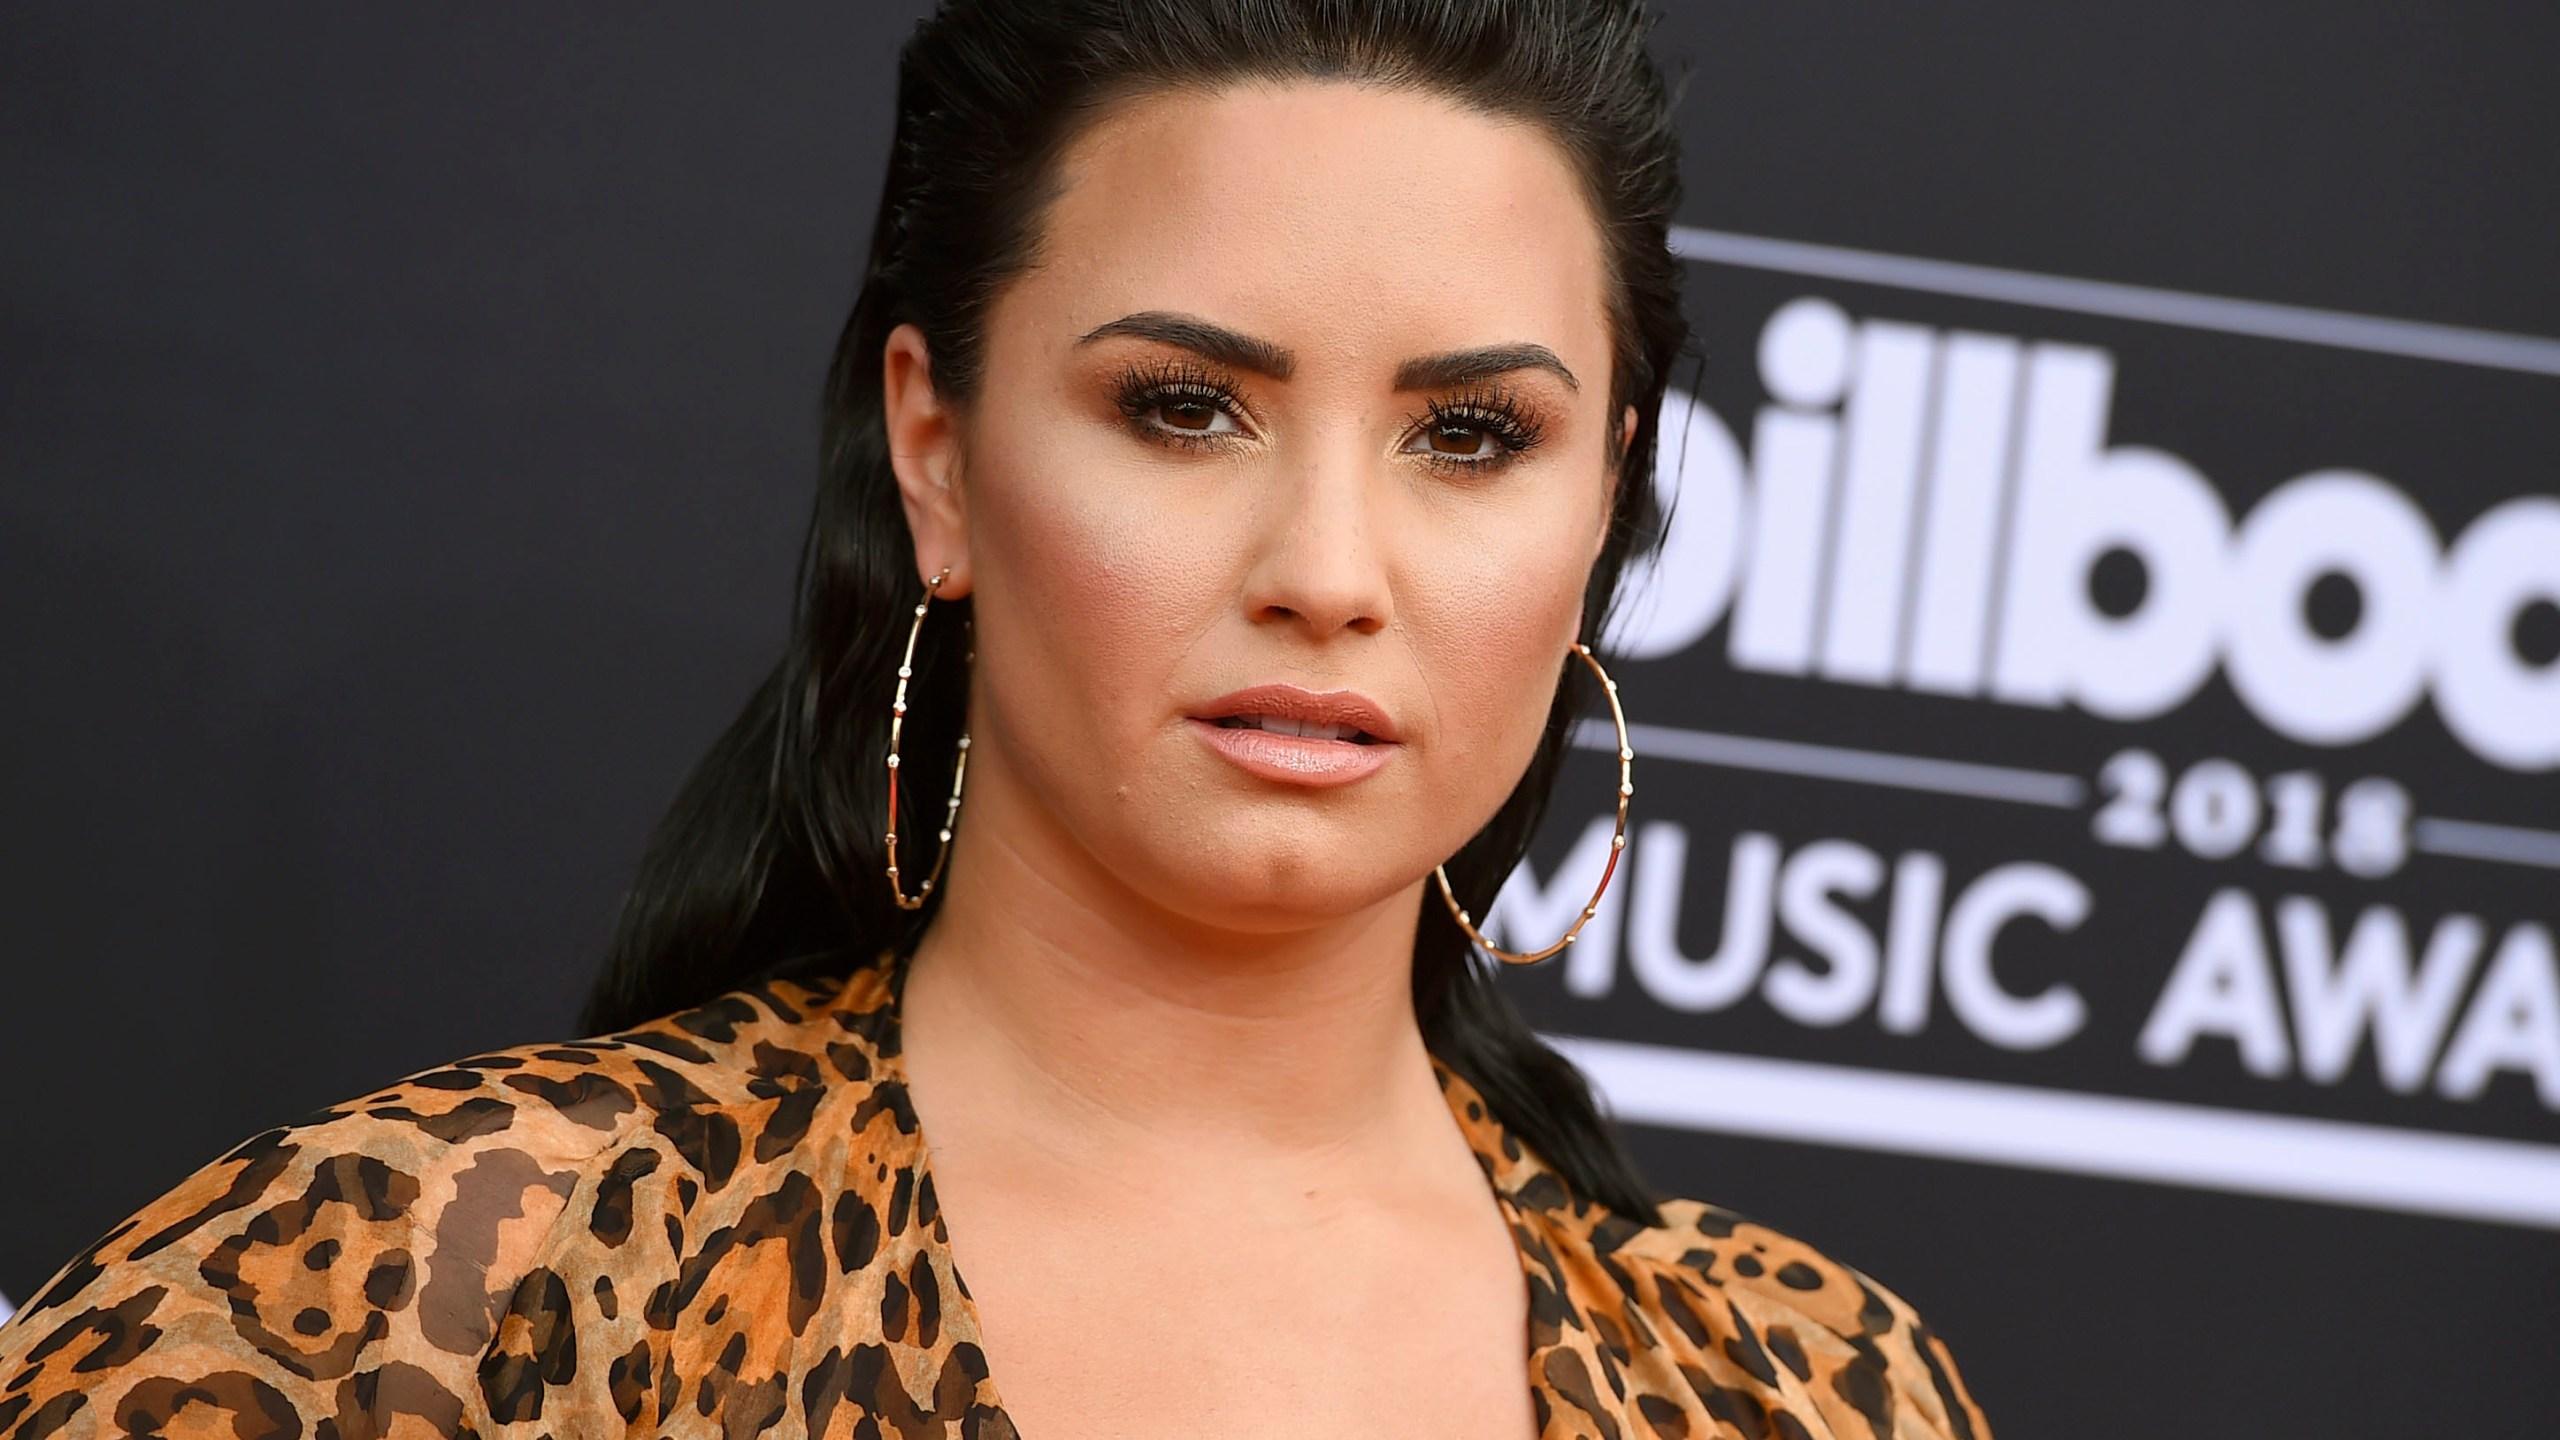 People-Demi_Lovato_18997-159532.jpg81790397